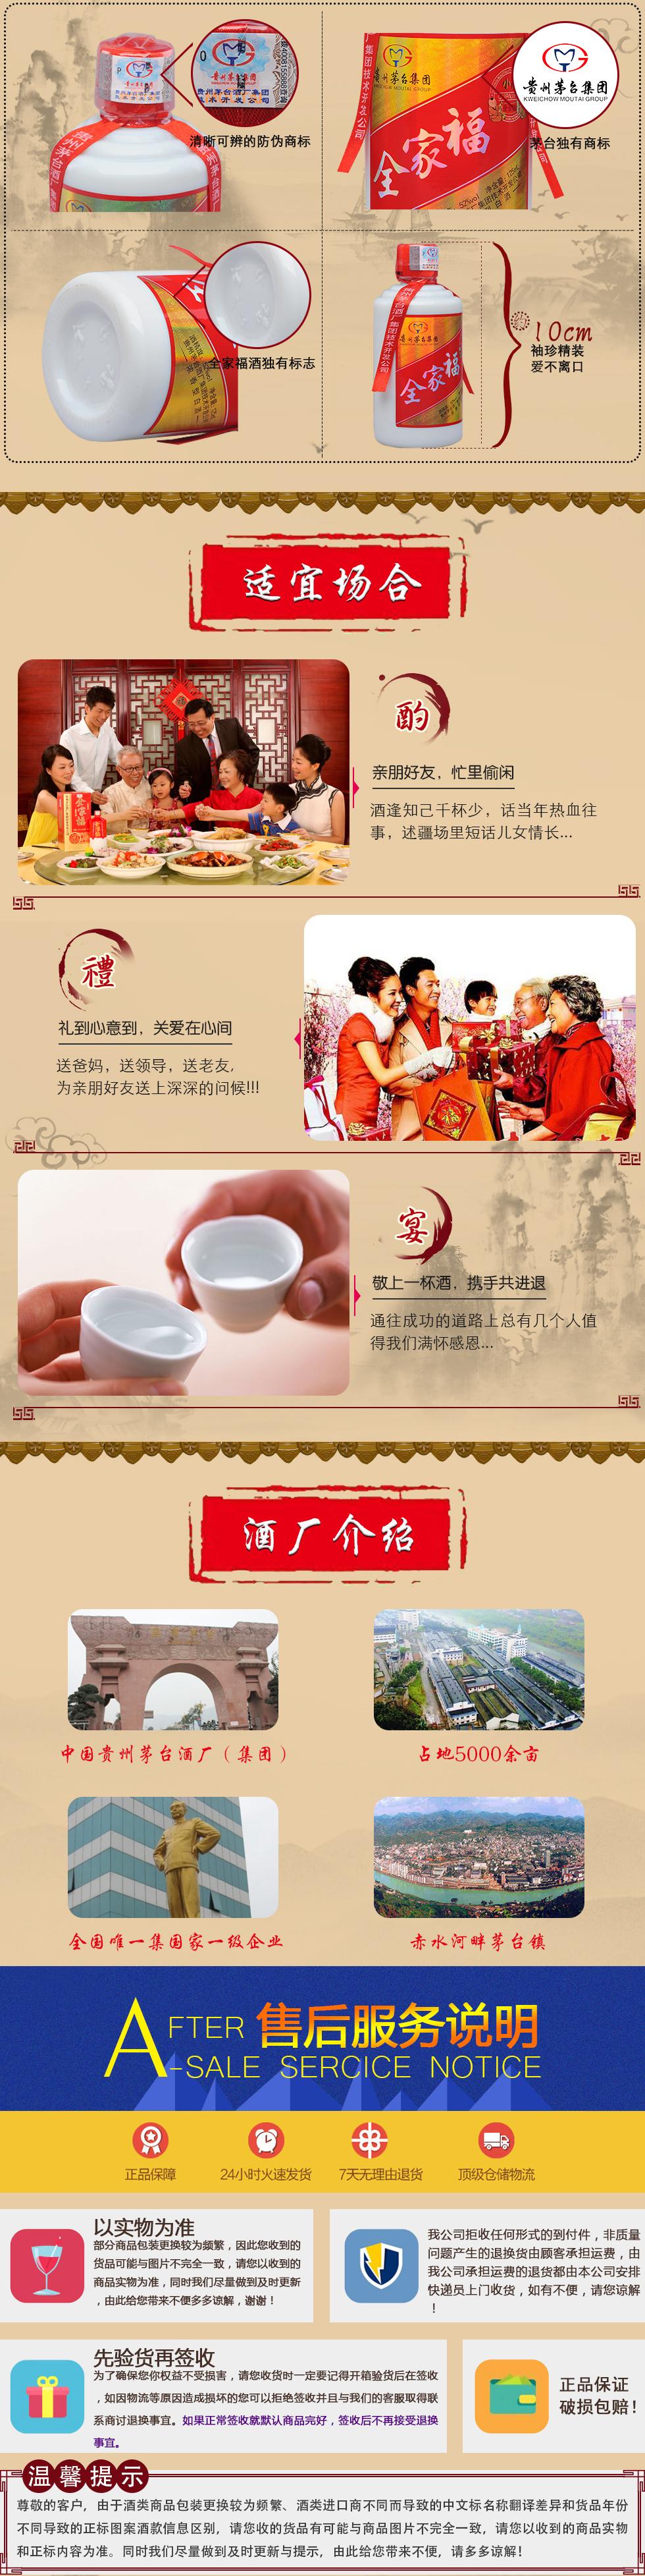 小福详情 2.jpg